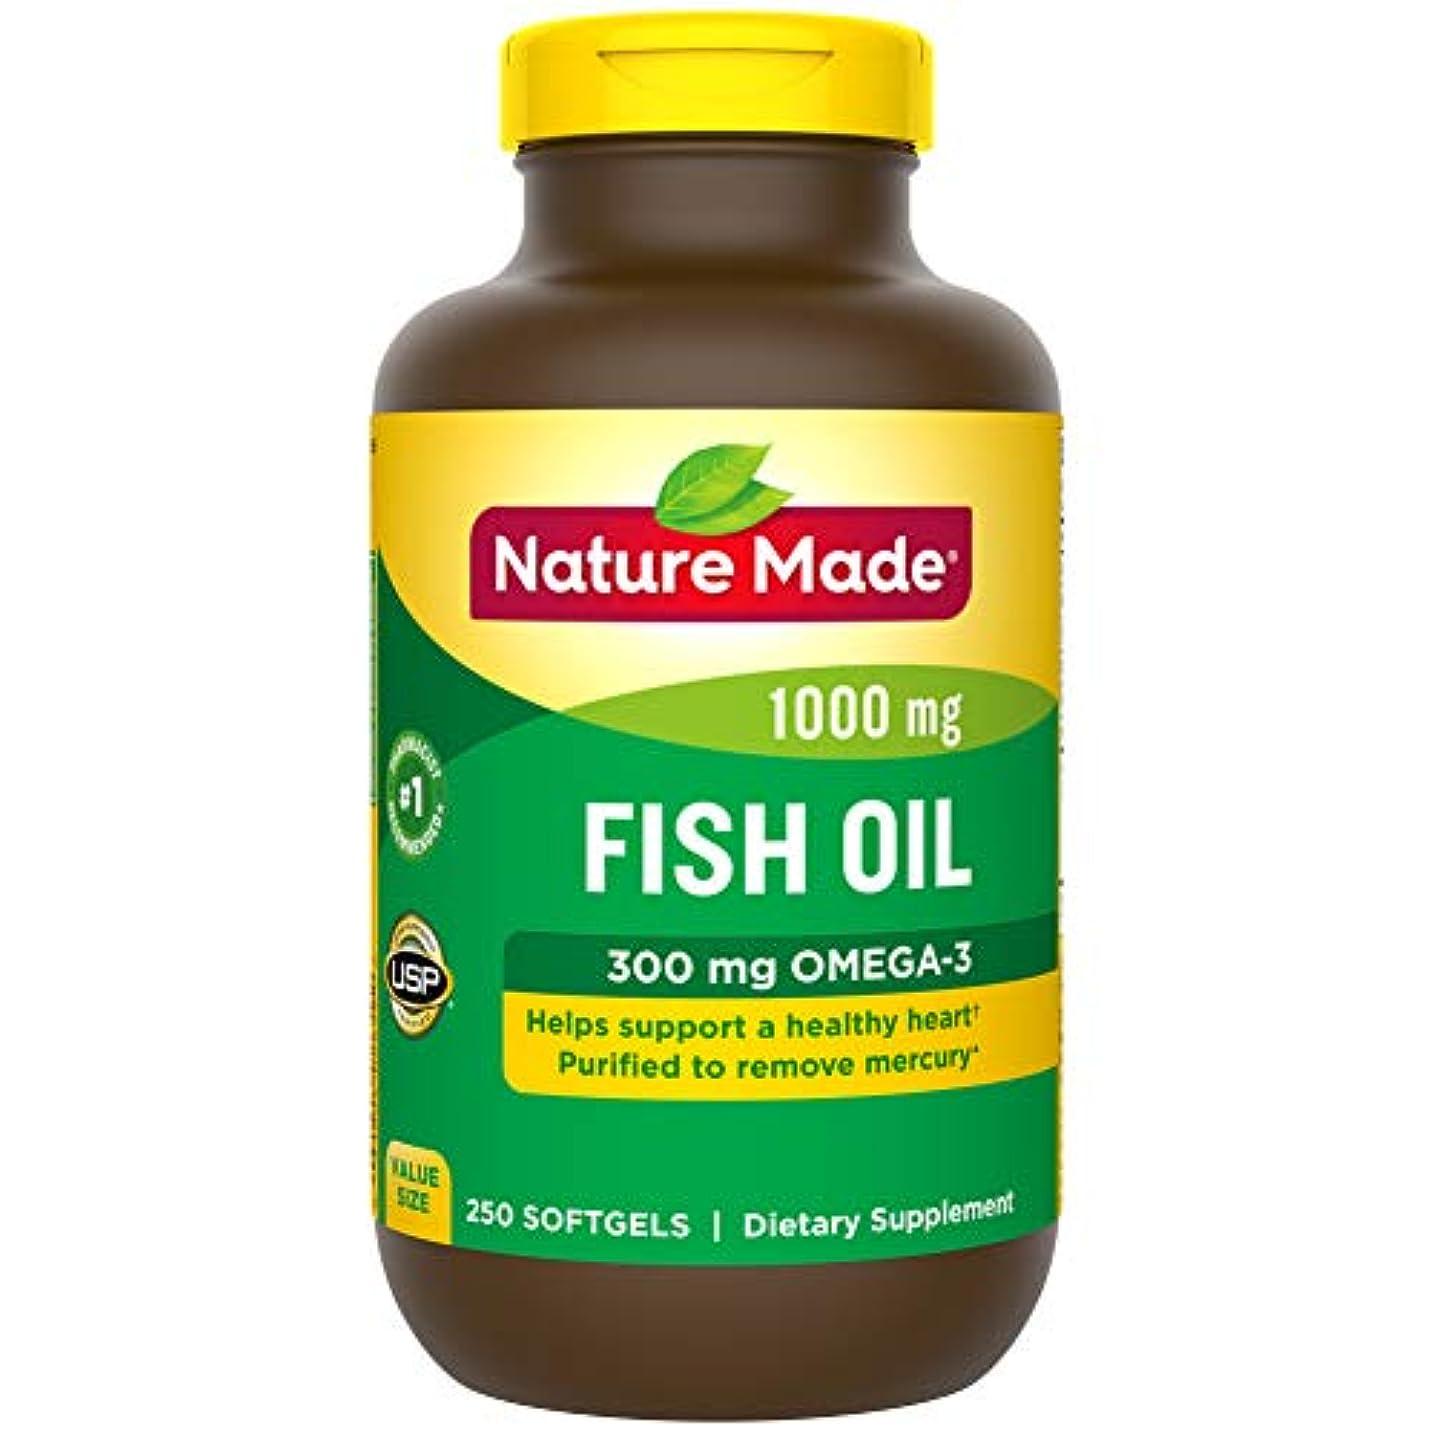 隣接する先のことを考える最小Nature Made Fish Oil 1000 Mg, Value Size, Softgels, 250-Count 海外直送品